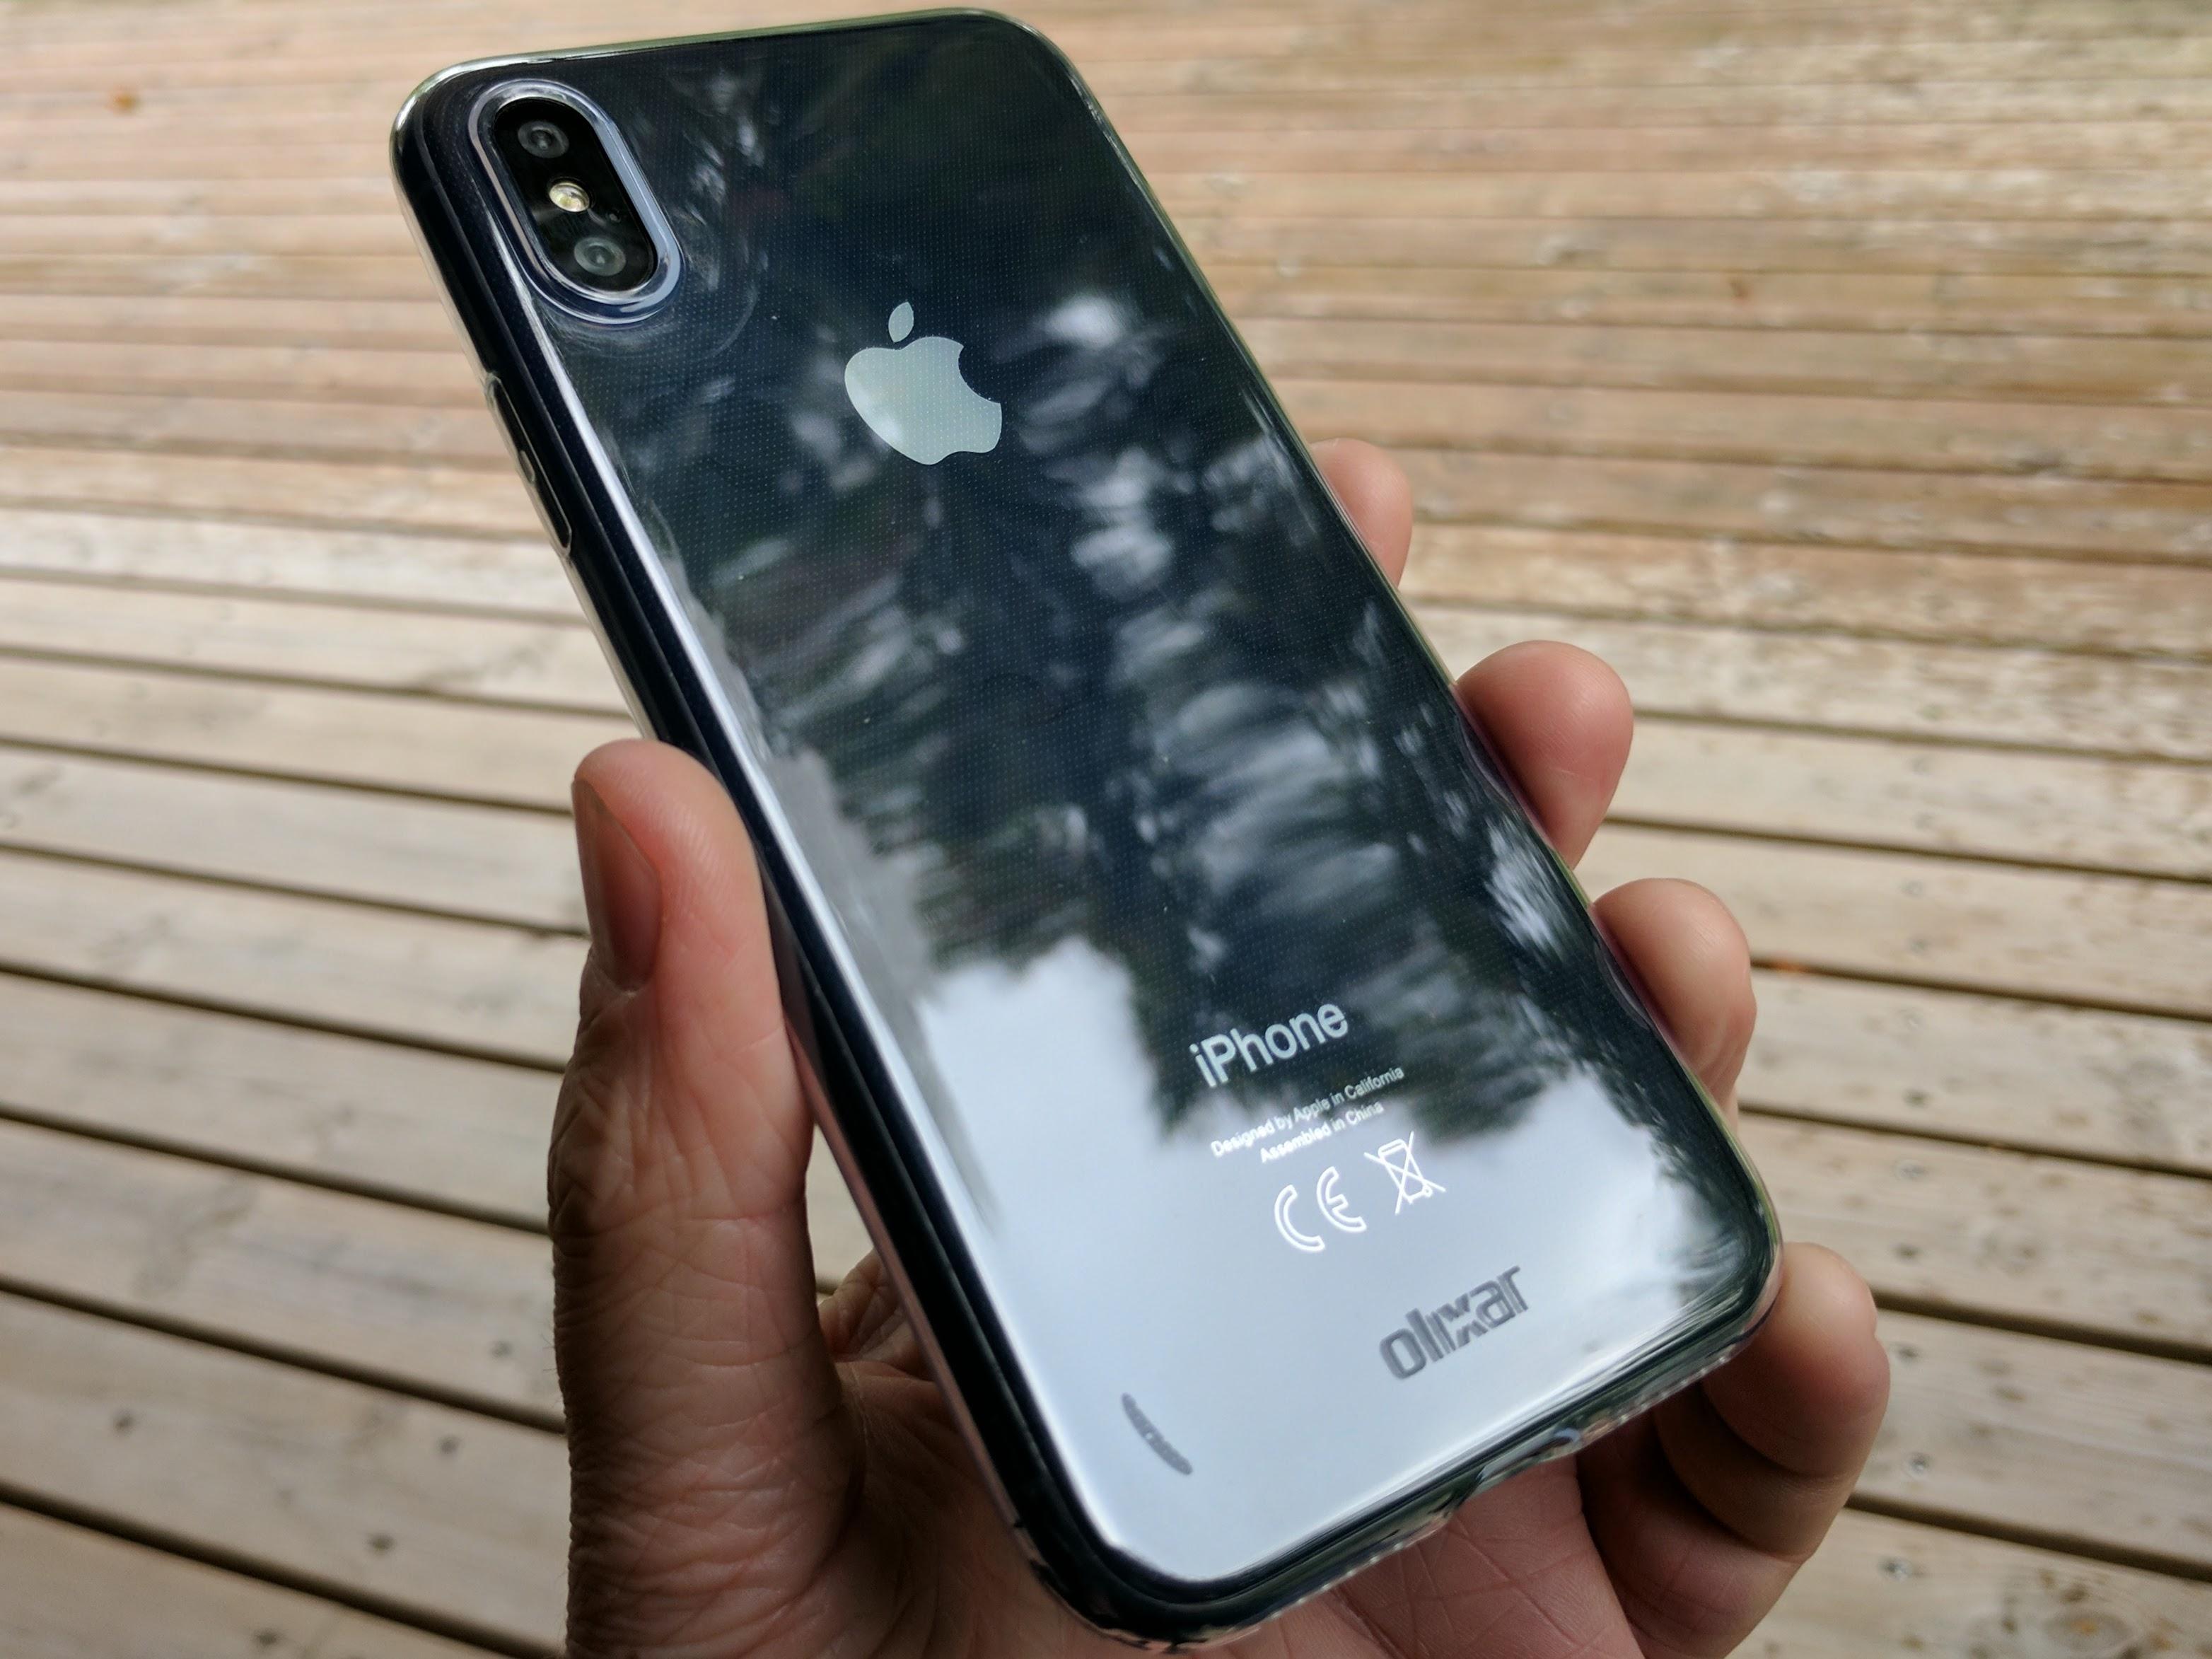 اپل آیفون 8 همراه با دکمه هوم مجازی عرضه خواهد شد